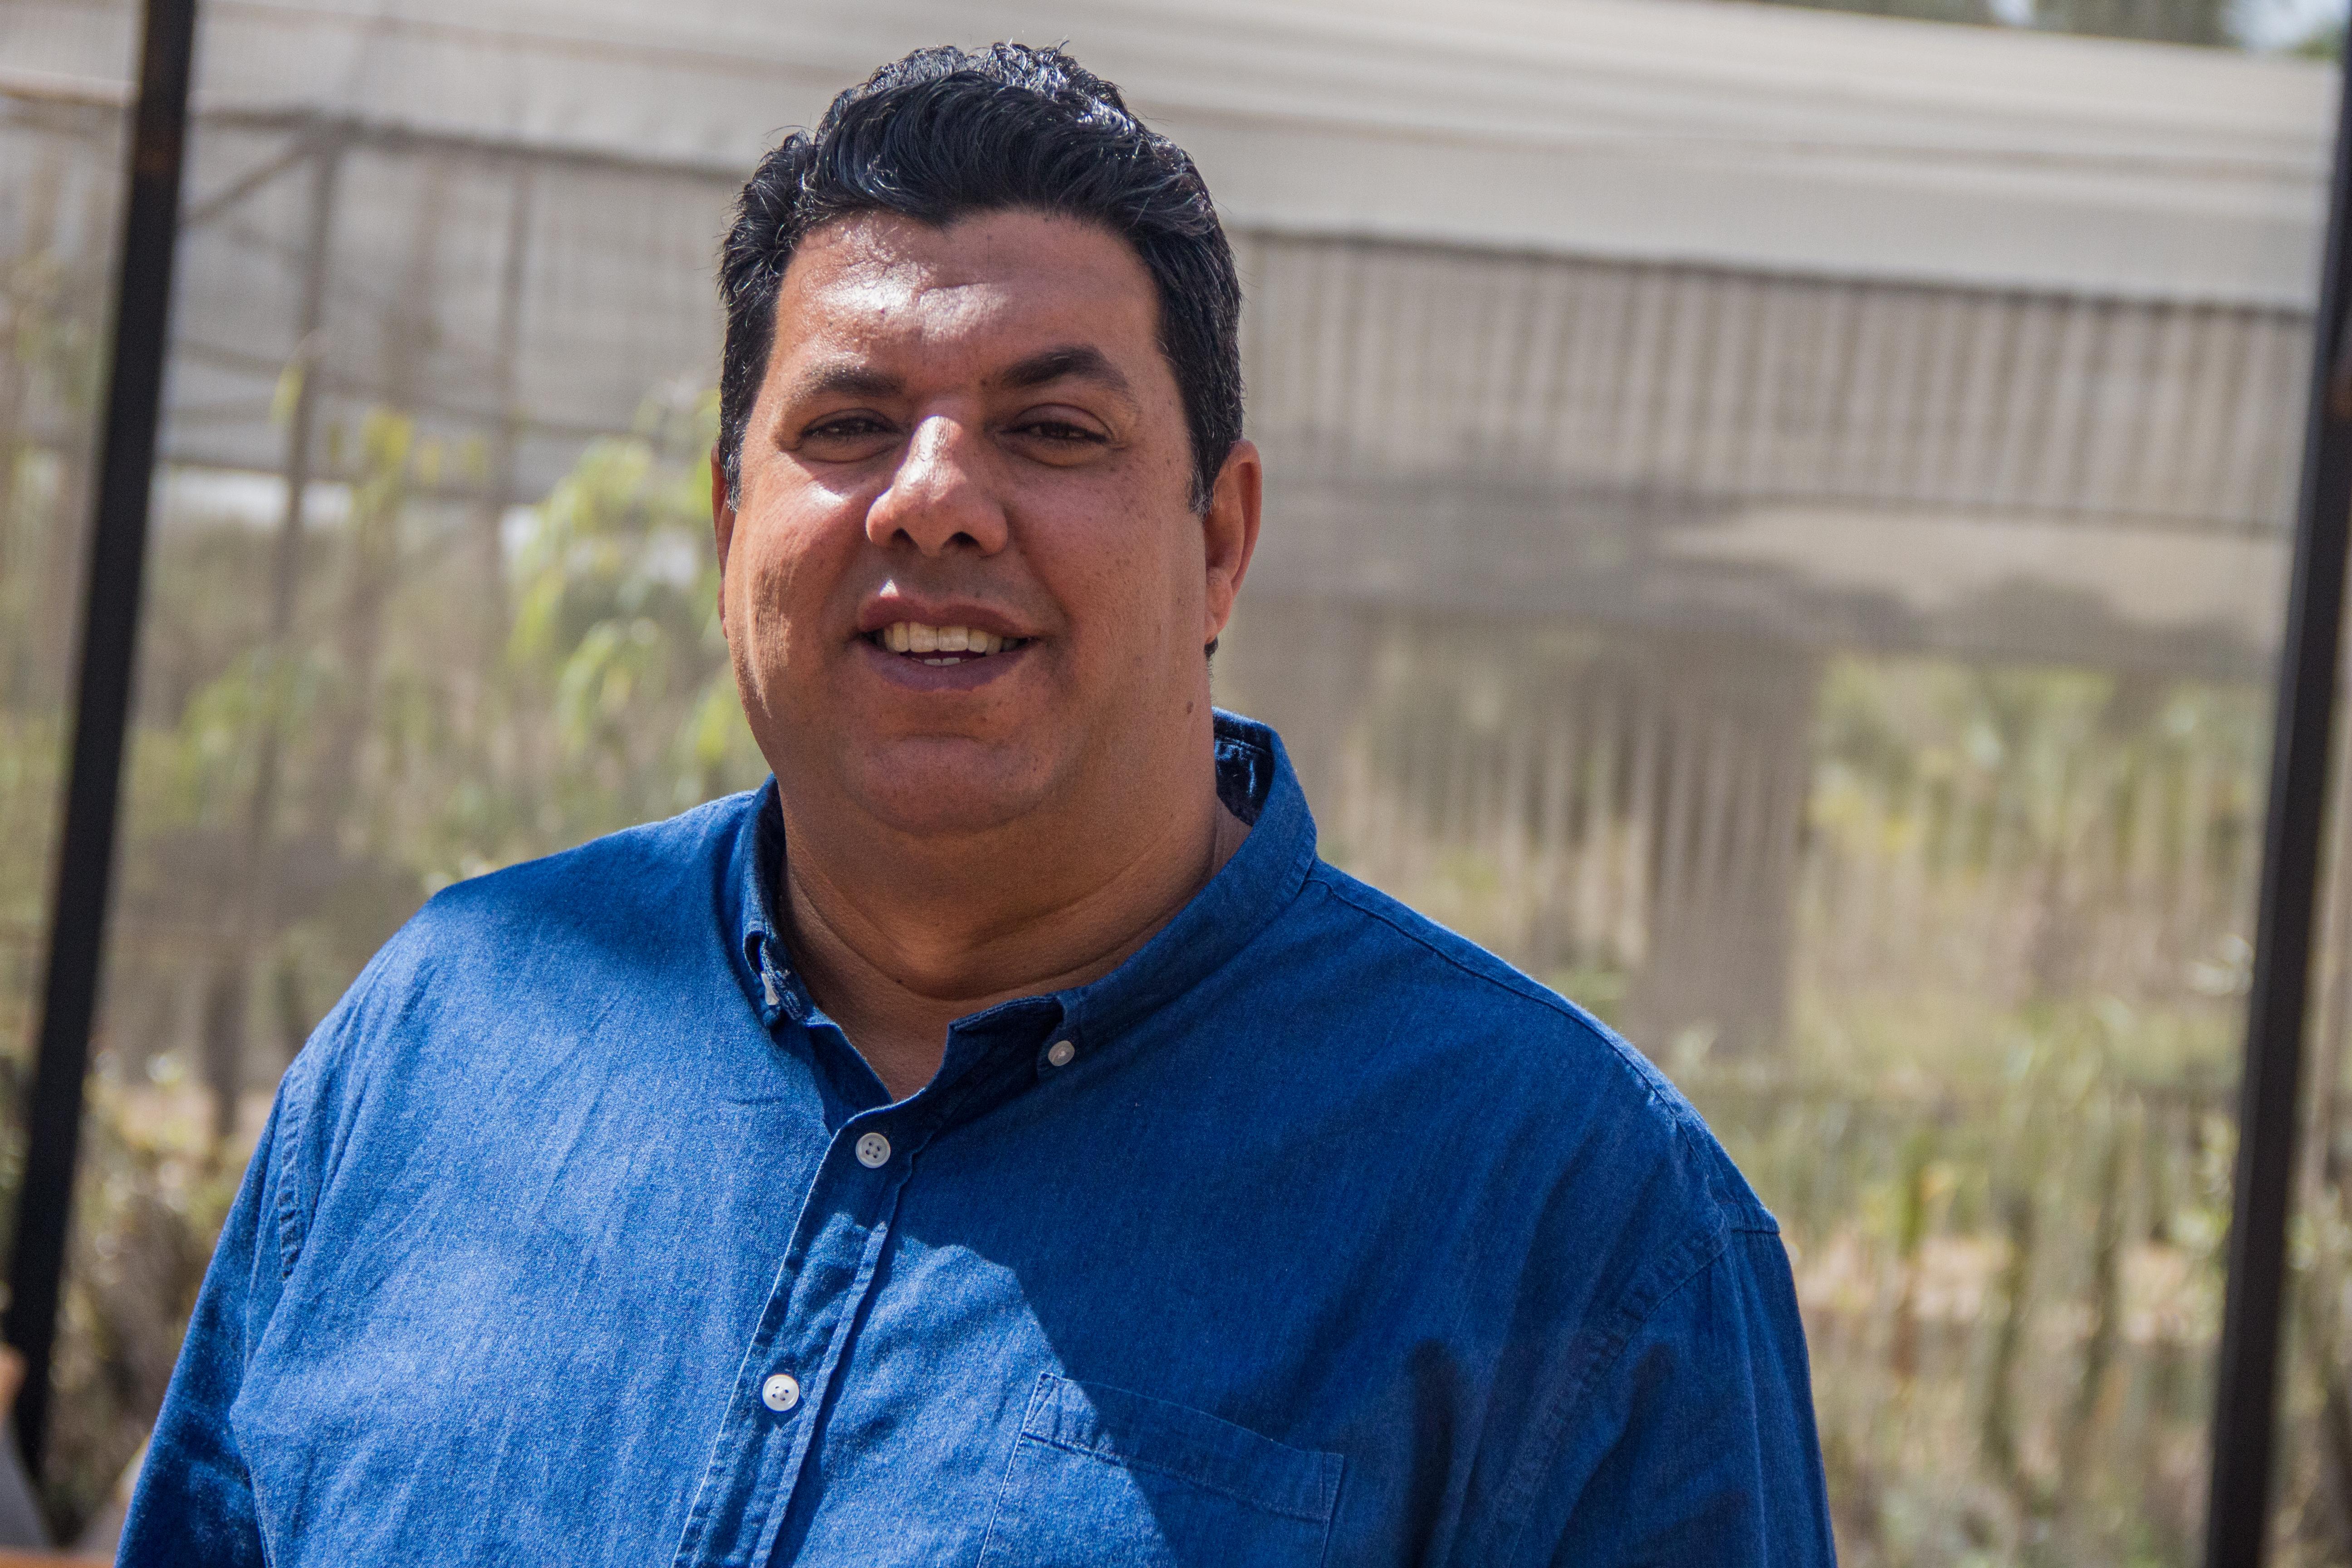 صورة اكد أنا برميل التمور أغلى من برميل البترول  …. المهندس أحمد مرعي مدير شركة الصفا نيو : أنا خادم النخيل